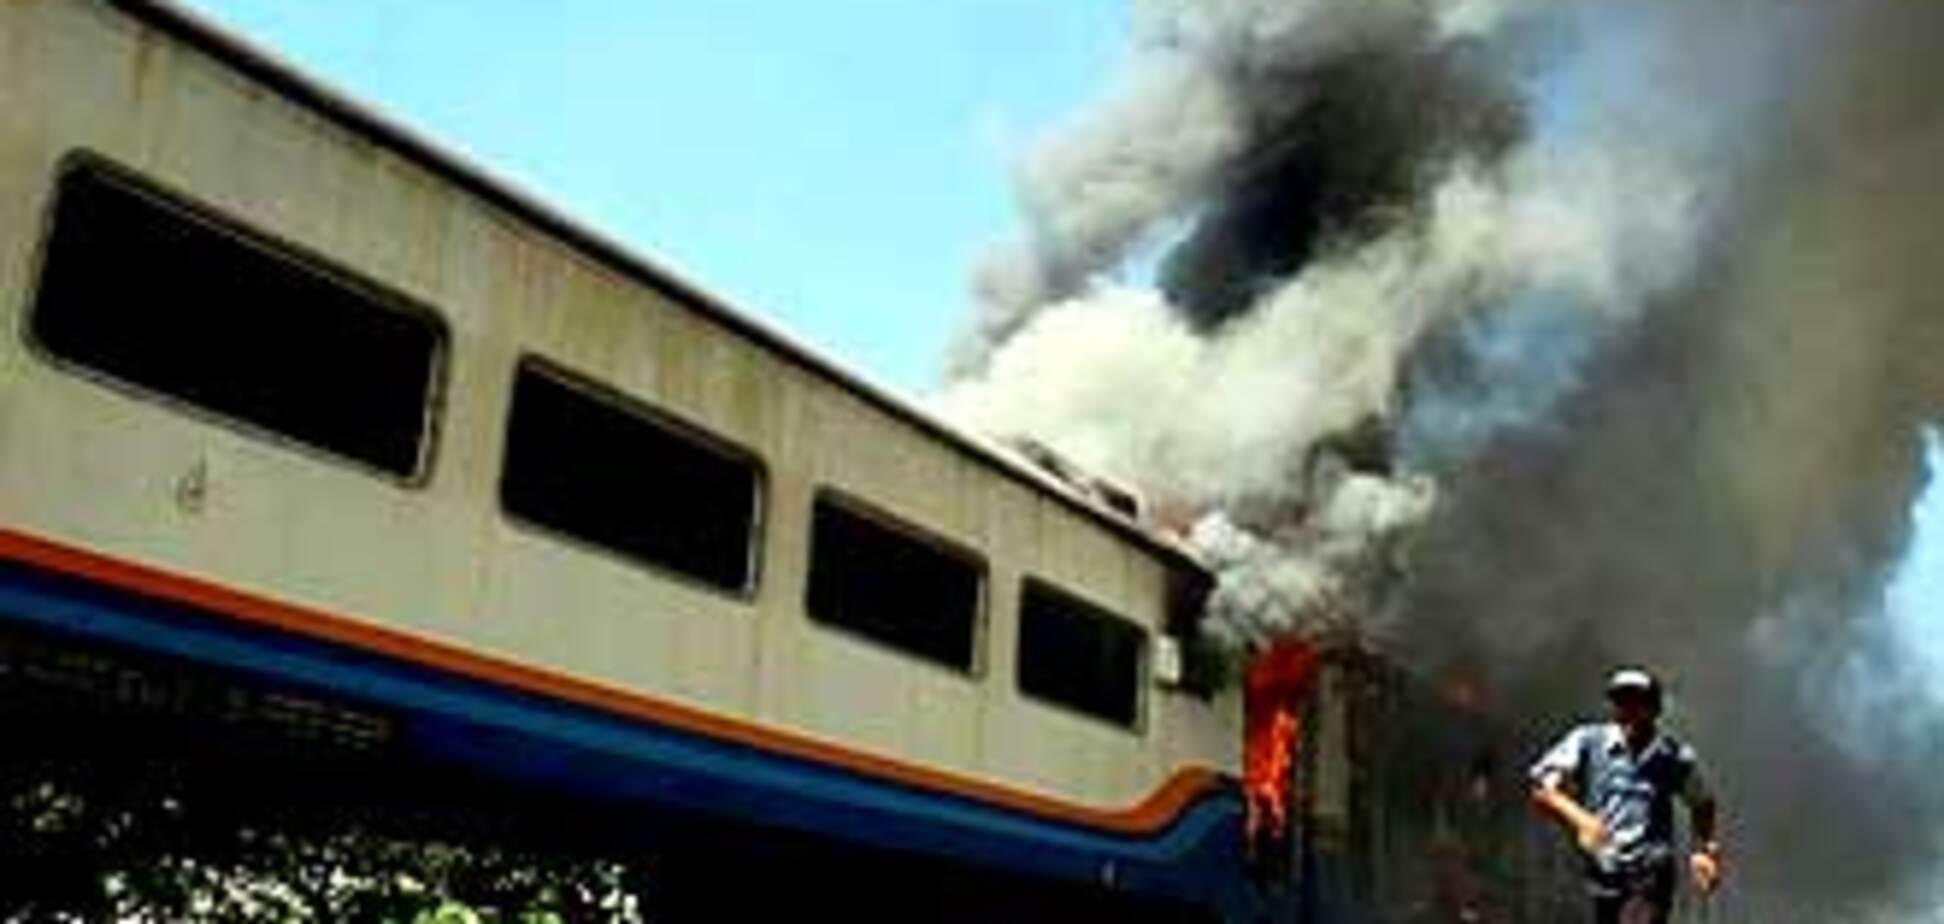 Более 20 человек сгорели заживо в поезде в Индии